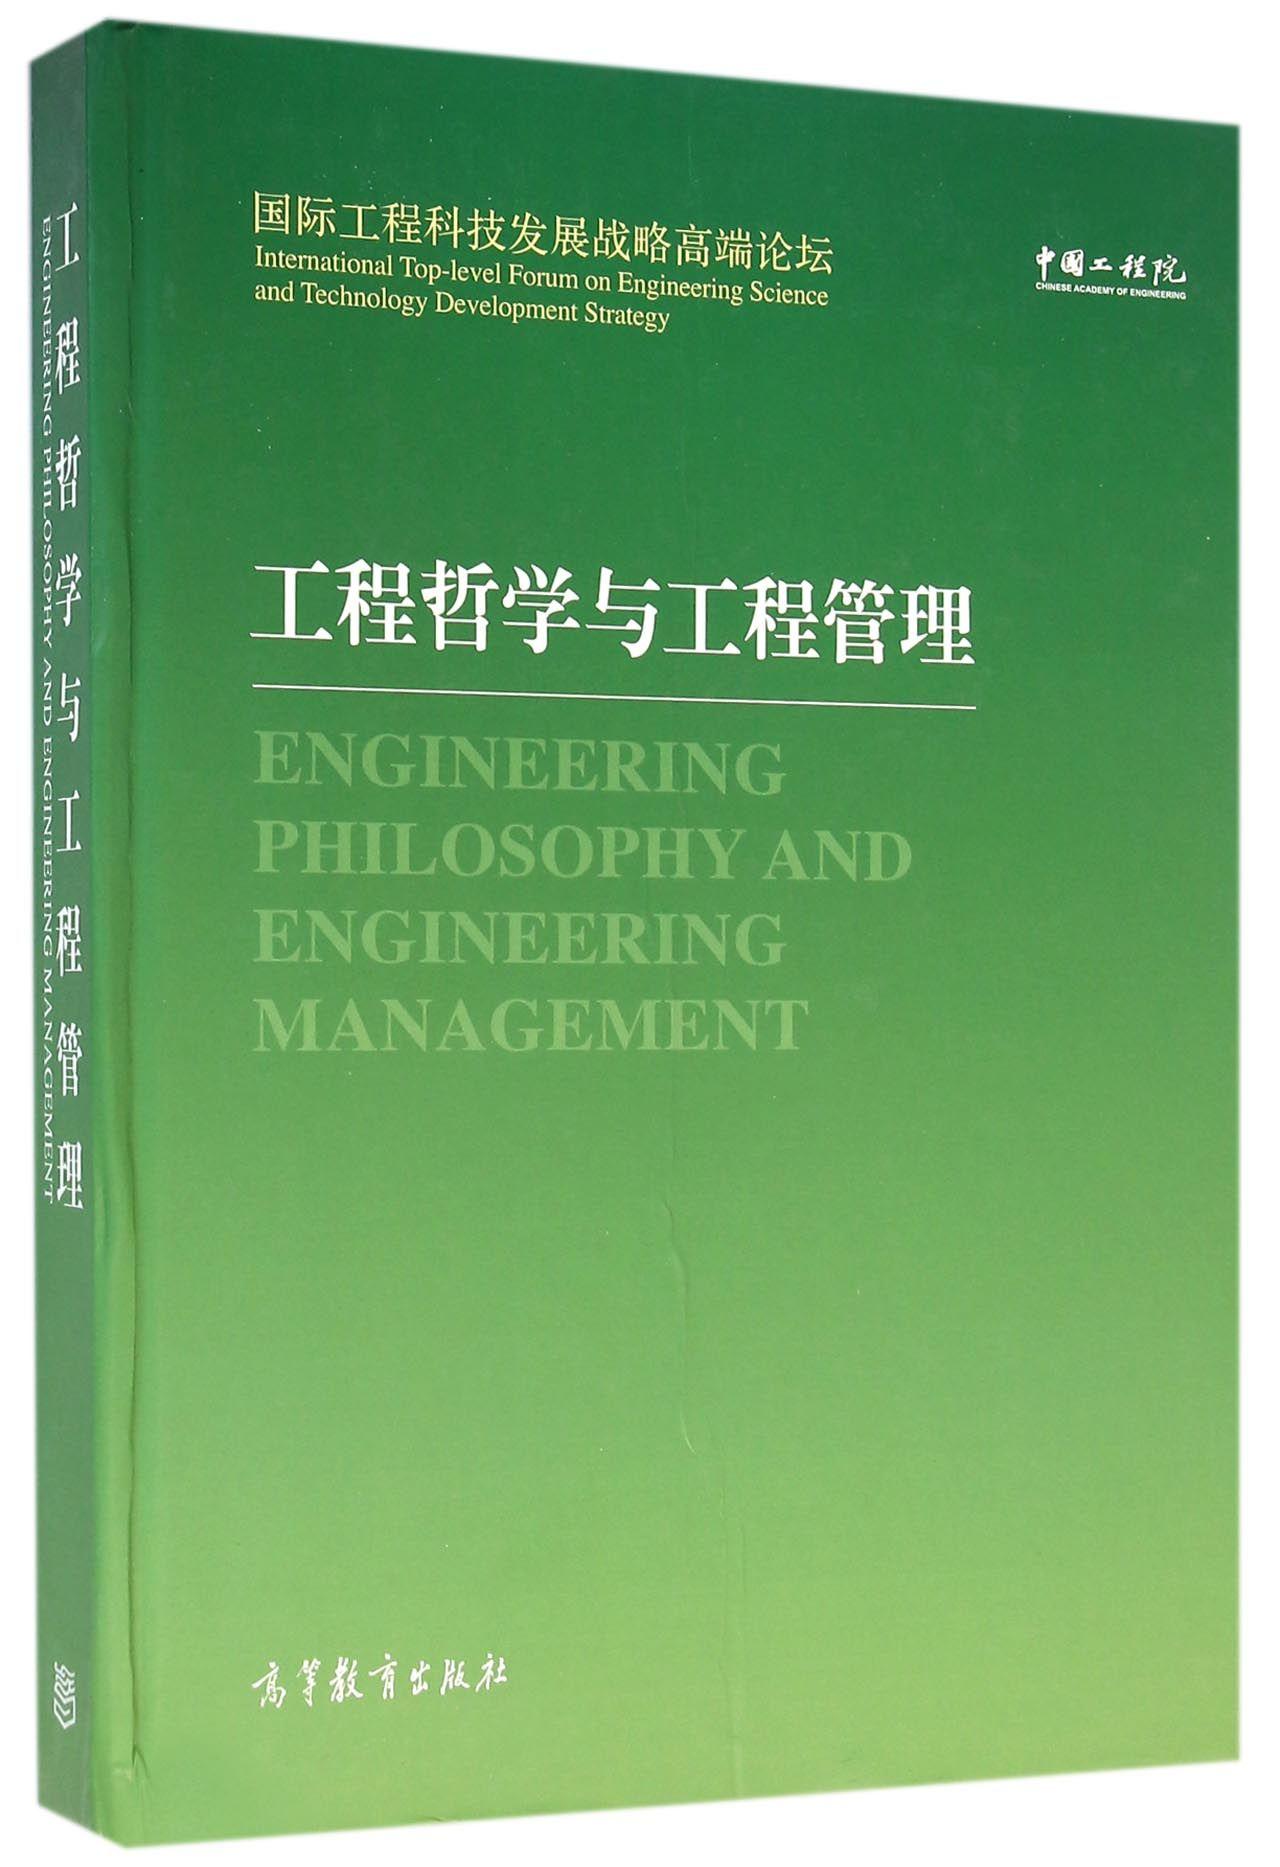 工程哲學與工程管理(國際工程科技發展戰略高端論壇)(精)